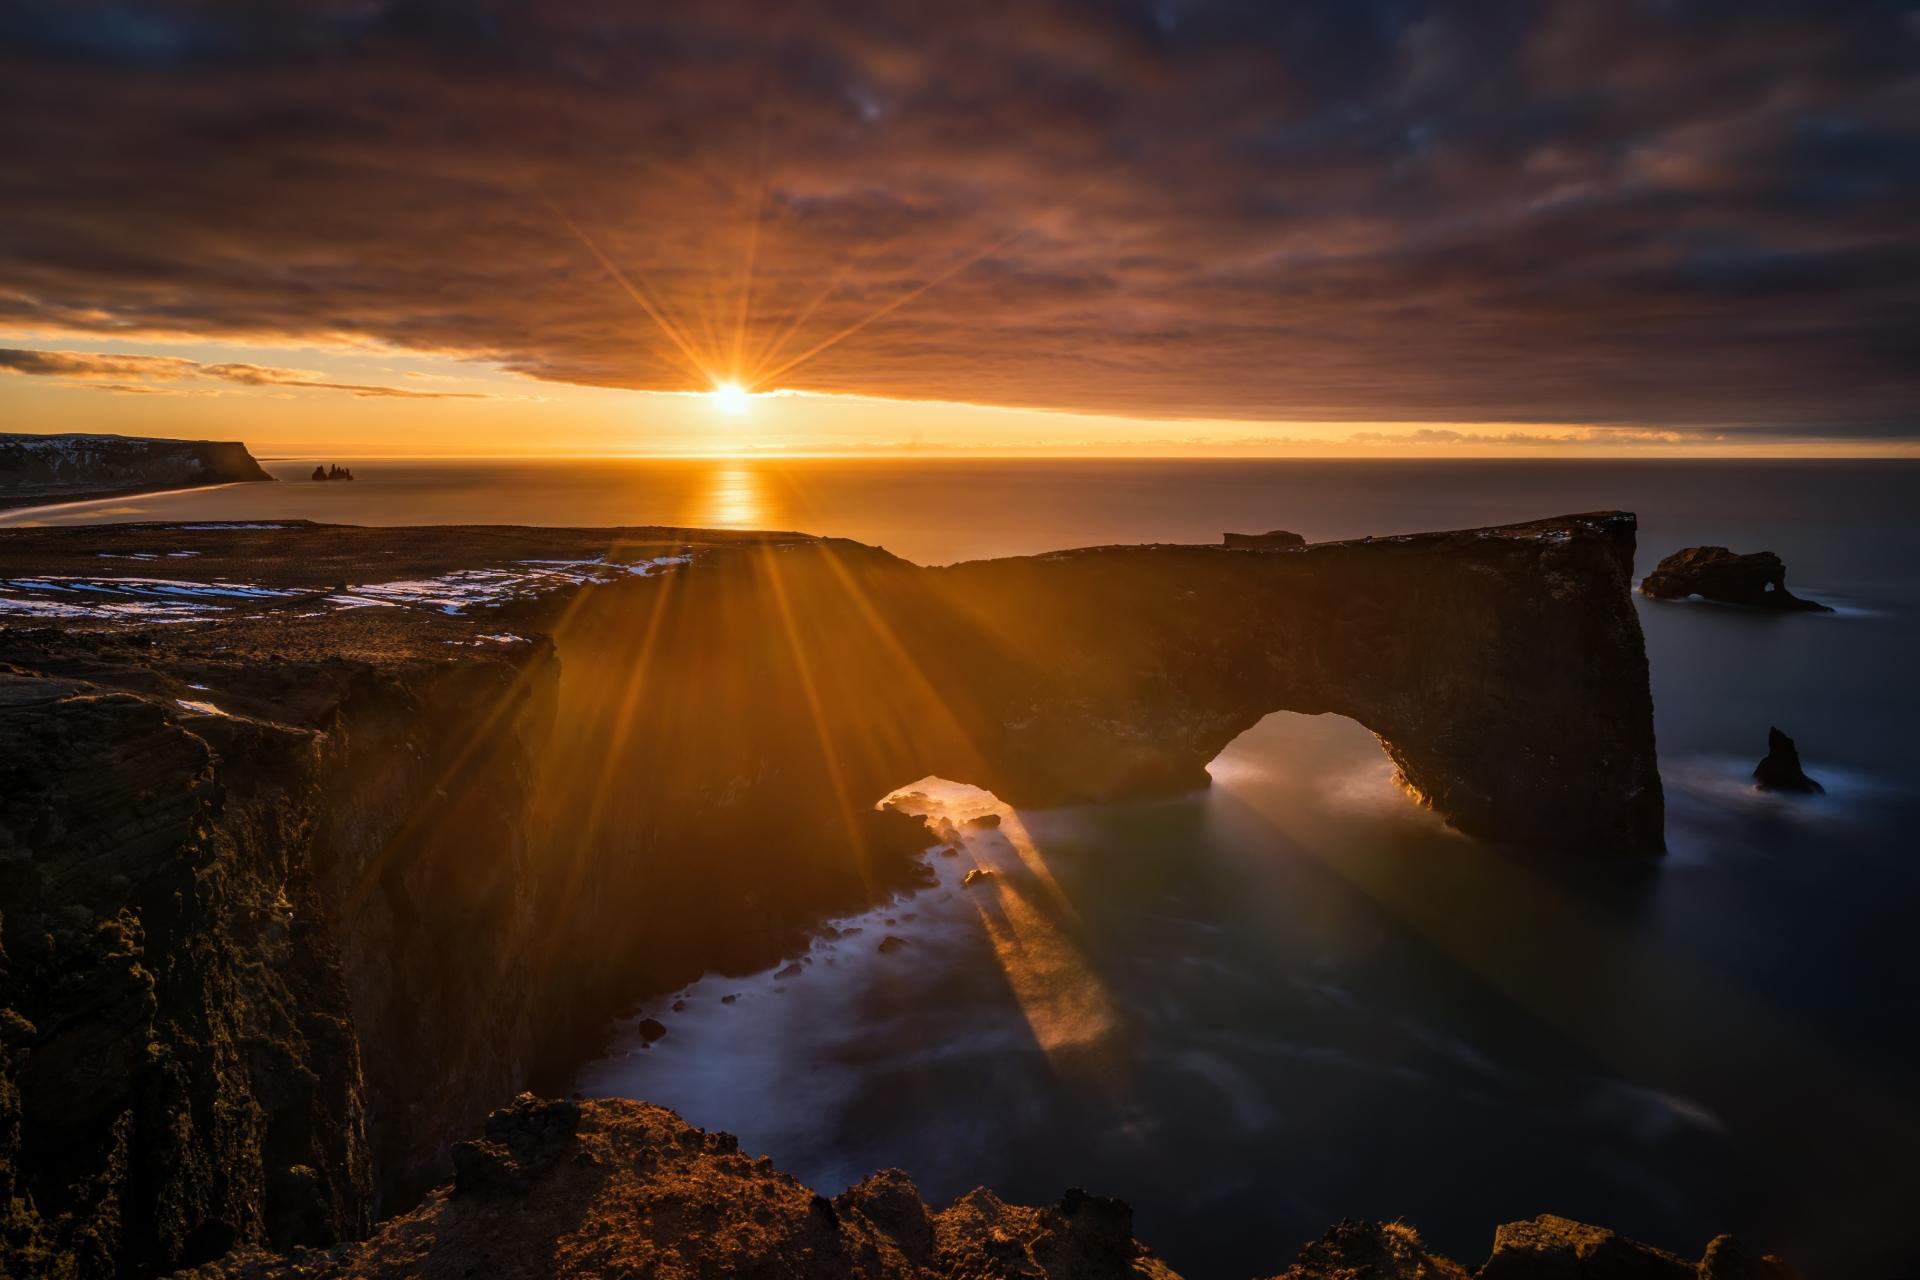 ディルホゥラエイの日の出の風景  アイスランドの風景